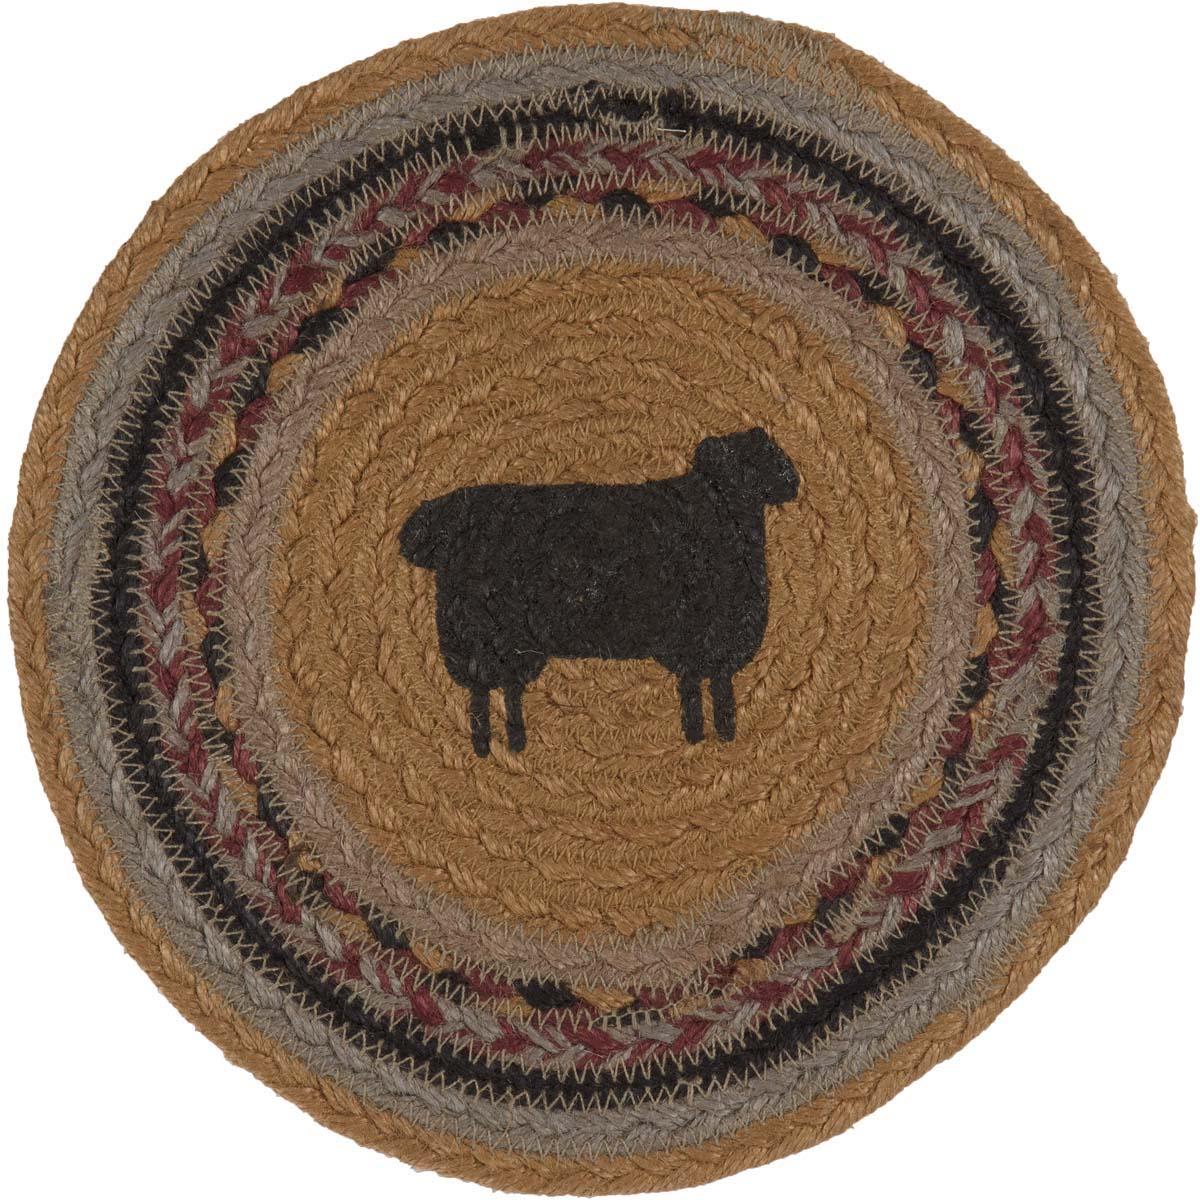 Heritage Farms Sheep Jute Trivet 8